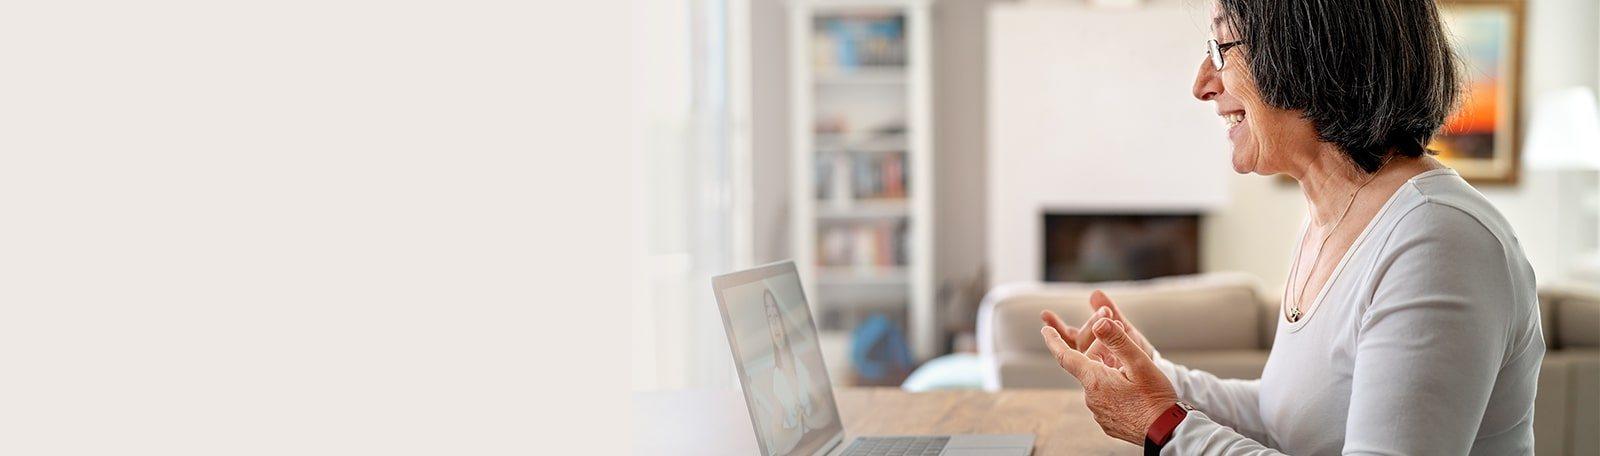 Terapia online w Centrum Psychoterapii i Rozwoju Lustro-min